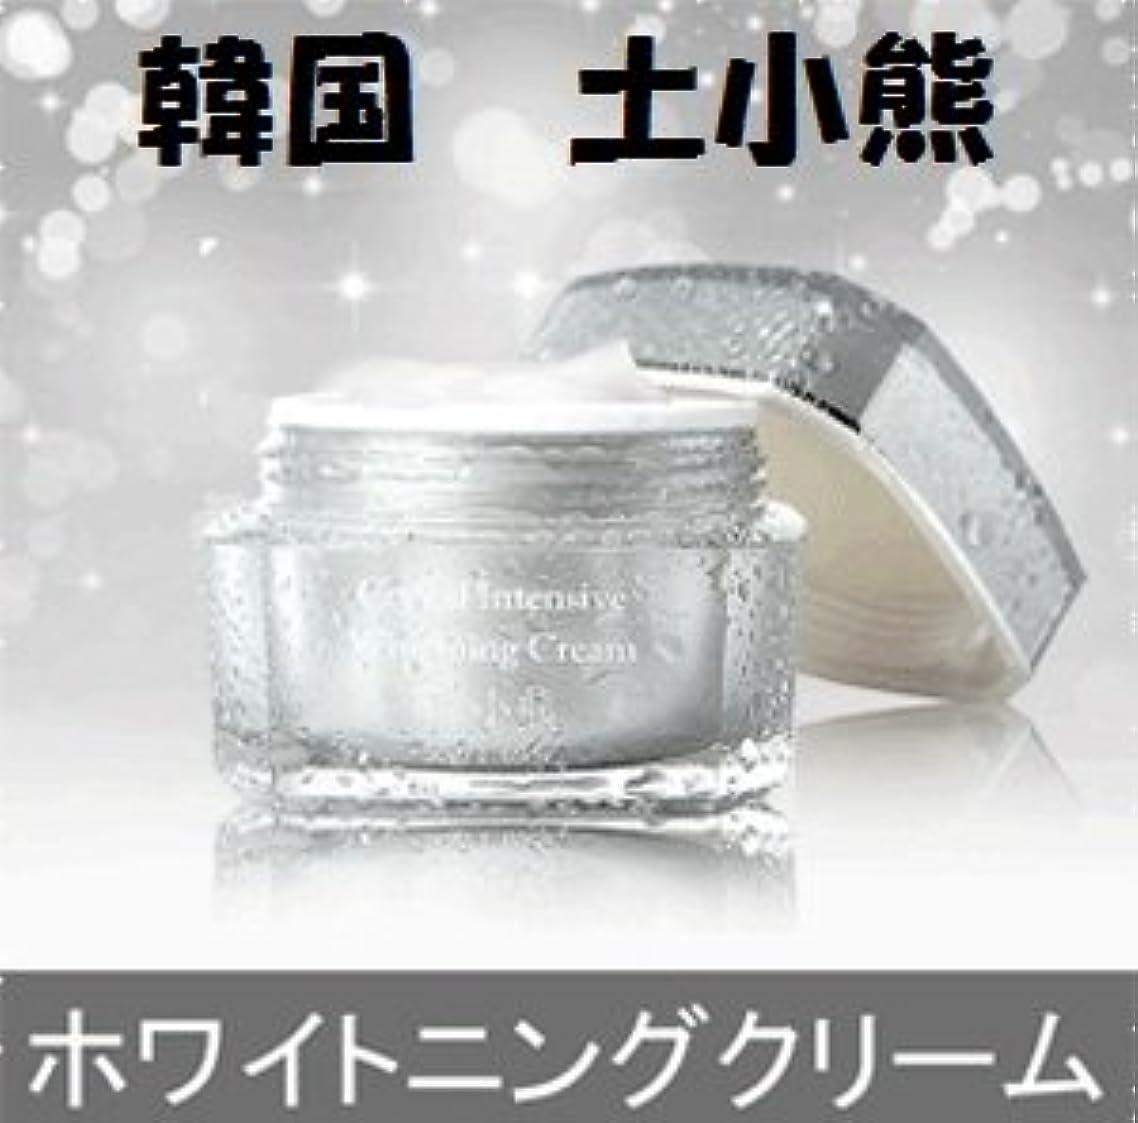 クックシャット動脈韓国 土小熊 (ドソウン) ホワイトニング クリーム 50g